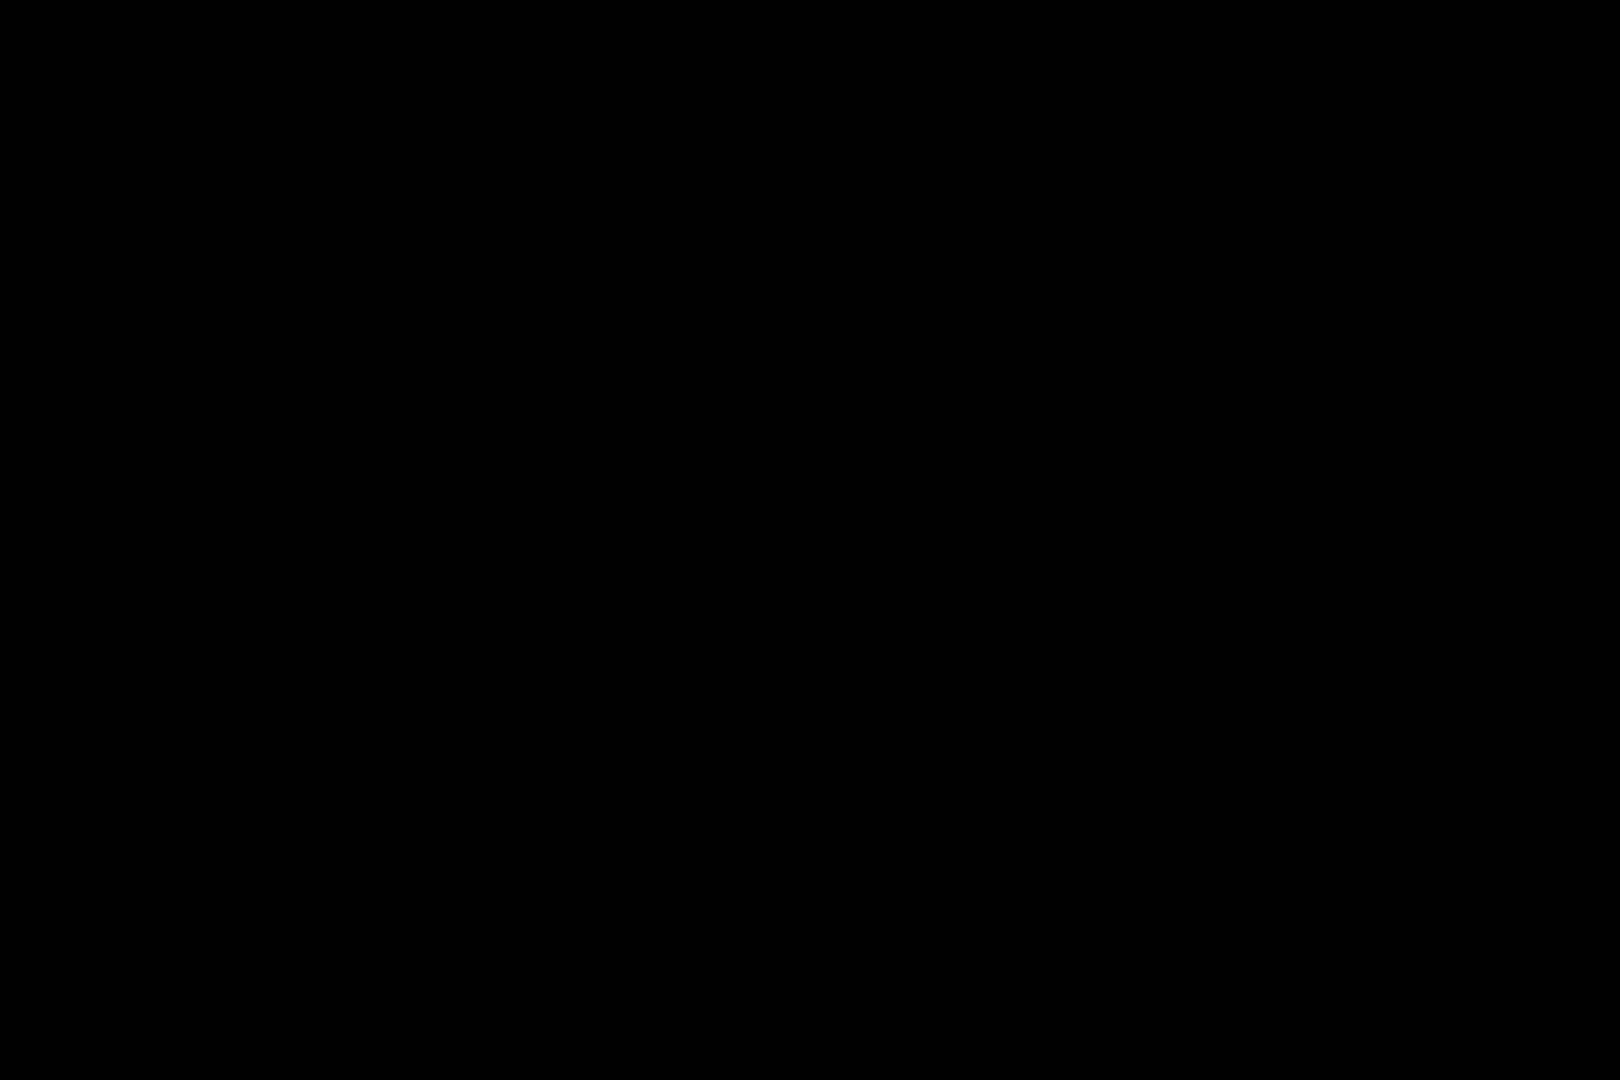 レンタル妻ななvol.7 投稿映像 AV動画キャプチャ 102pic 43